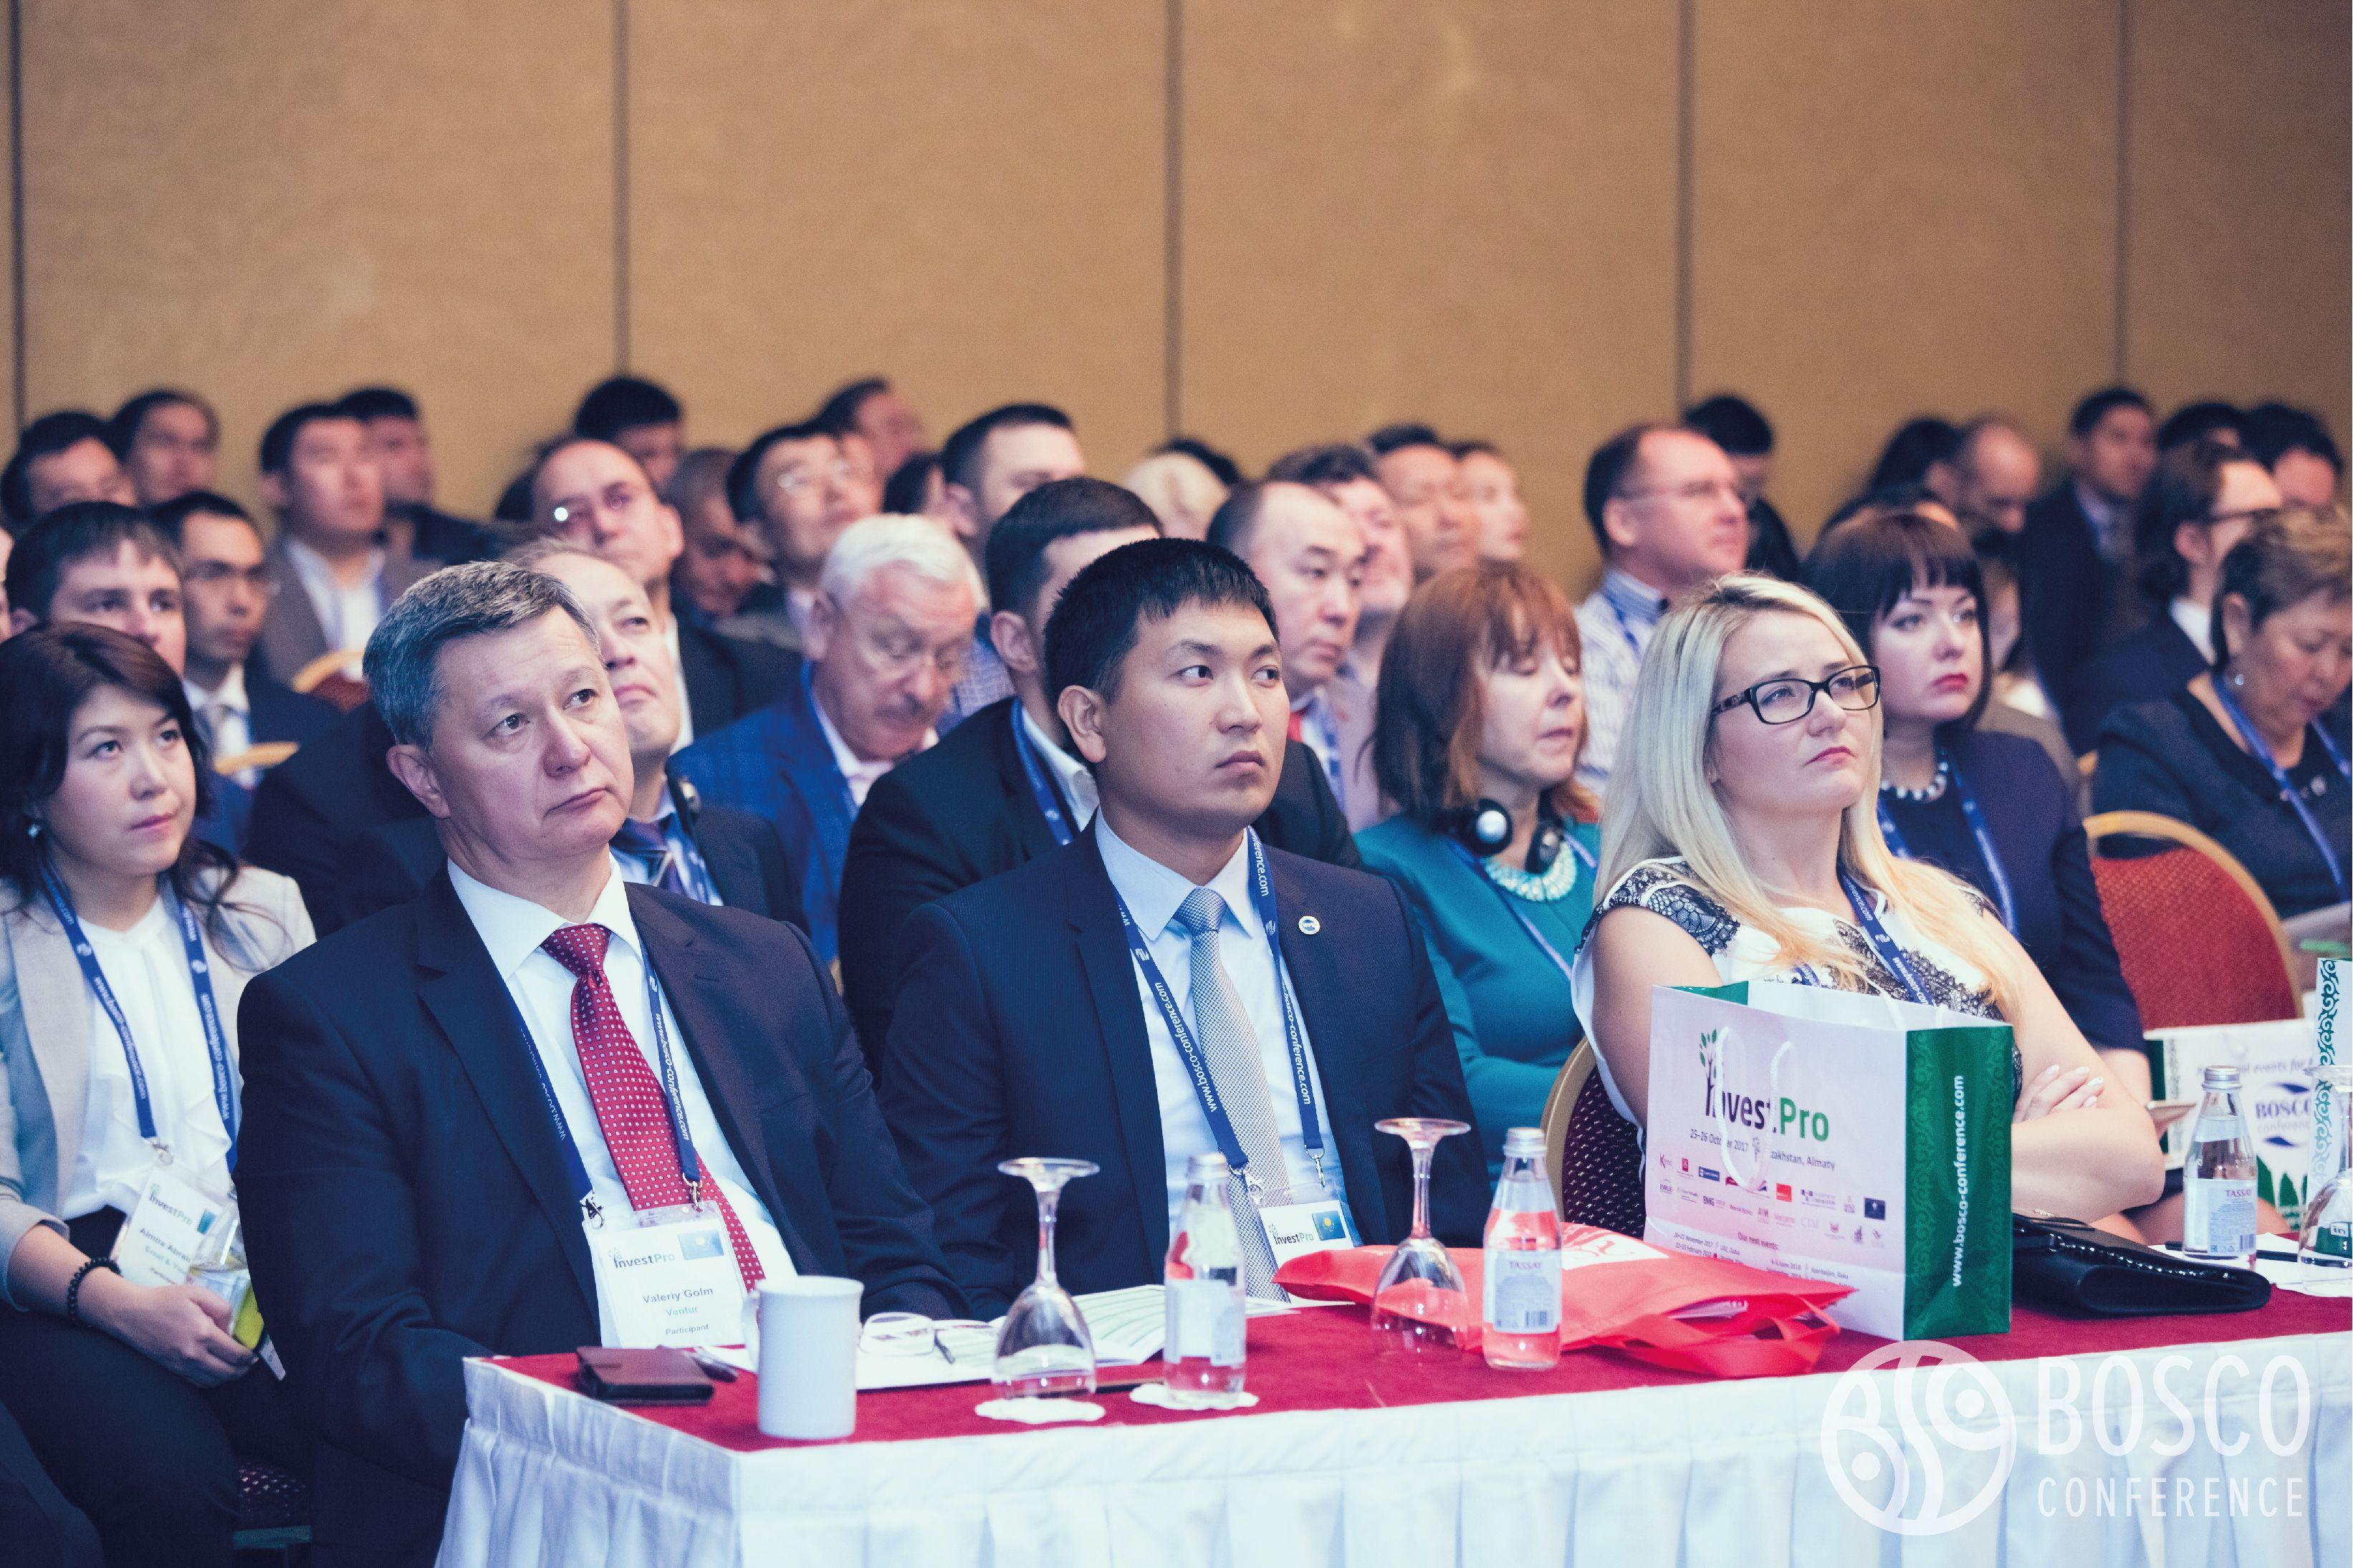 В Казахстане состоятся две конференции InvestPro- Kapital.kz